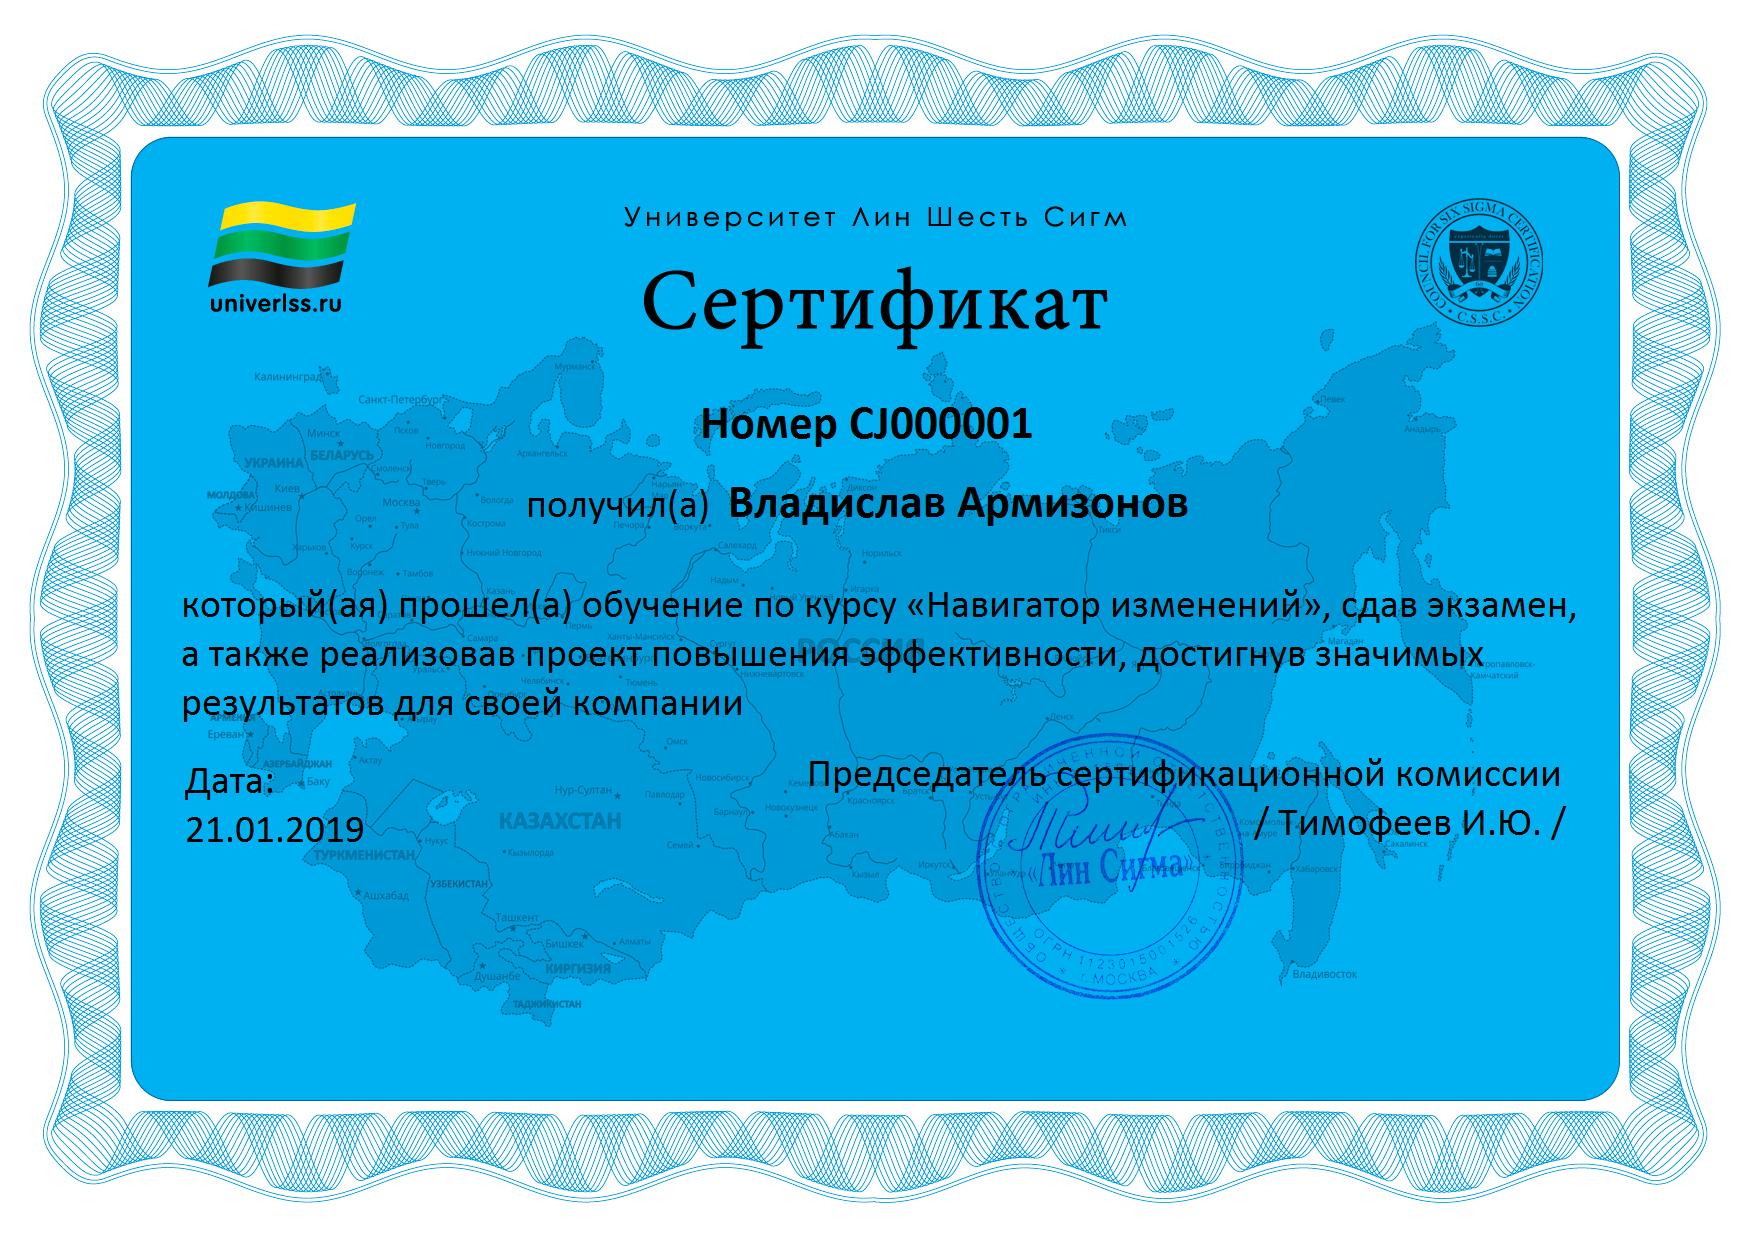 Сертификат Навигатор изменений_пример